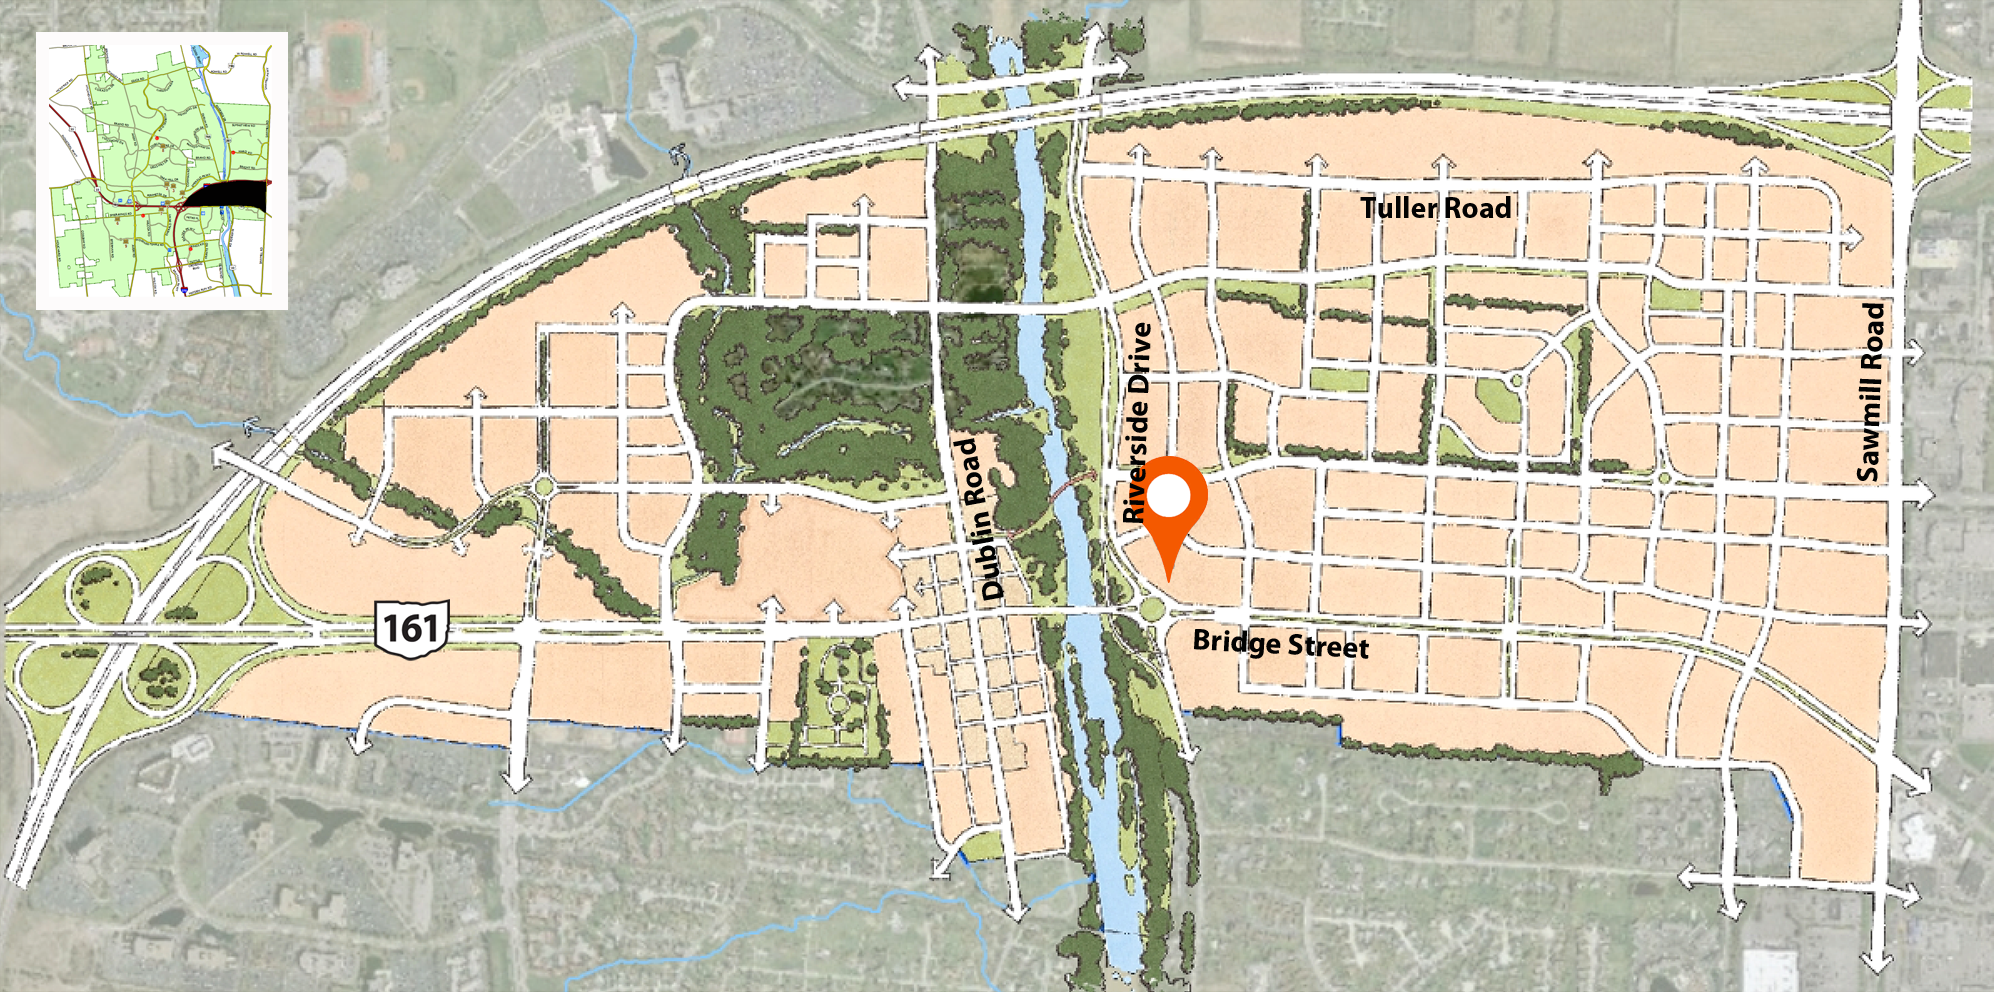 ac-hotel-map-11-3-15